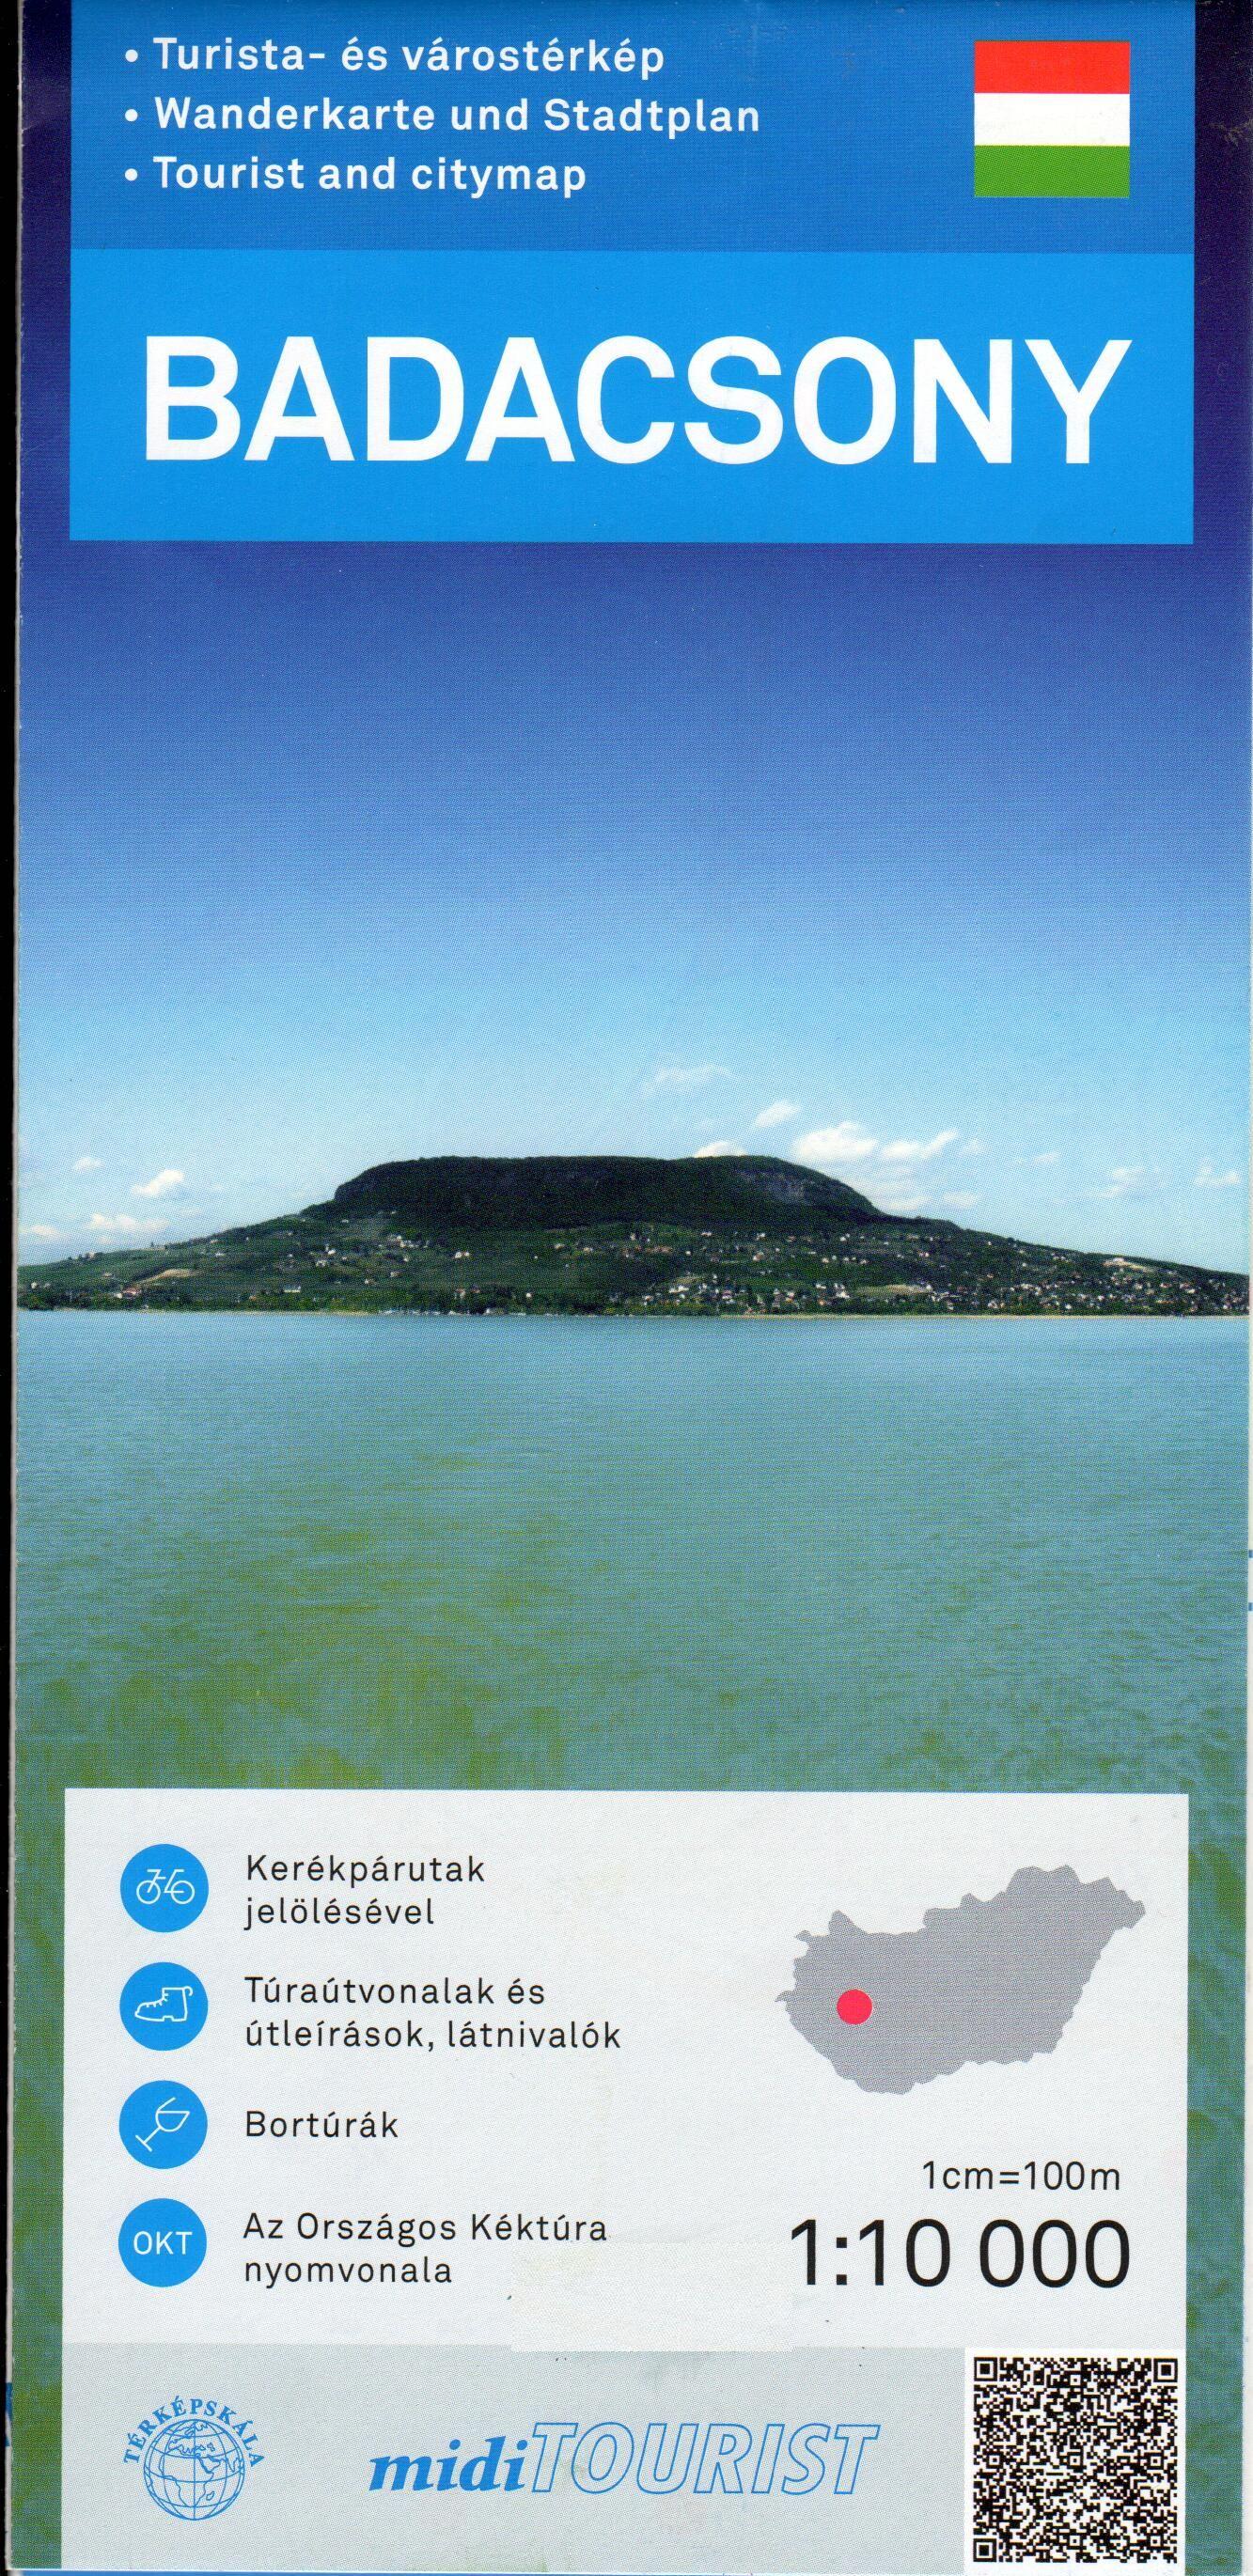 Turista- és várostérkép három nyelvű mini turiusta kalauzzal